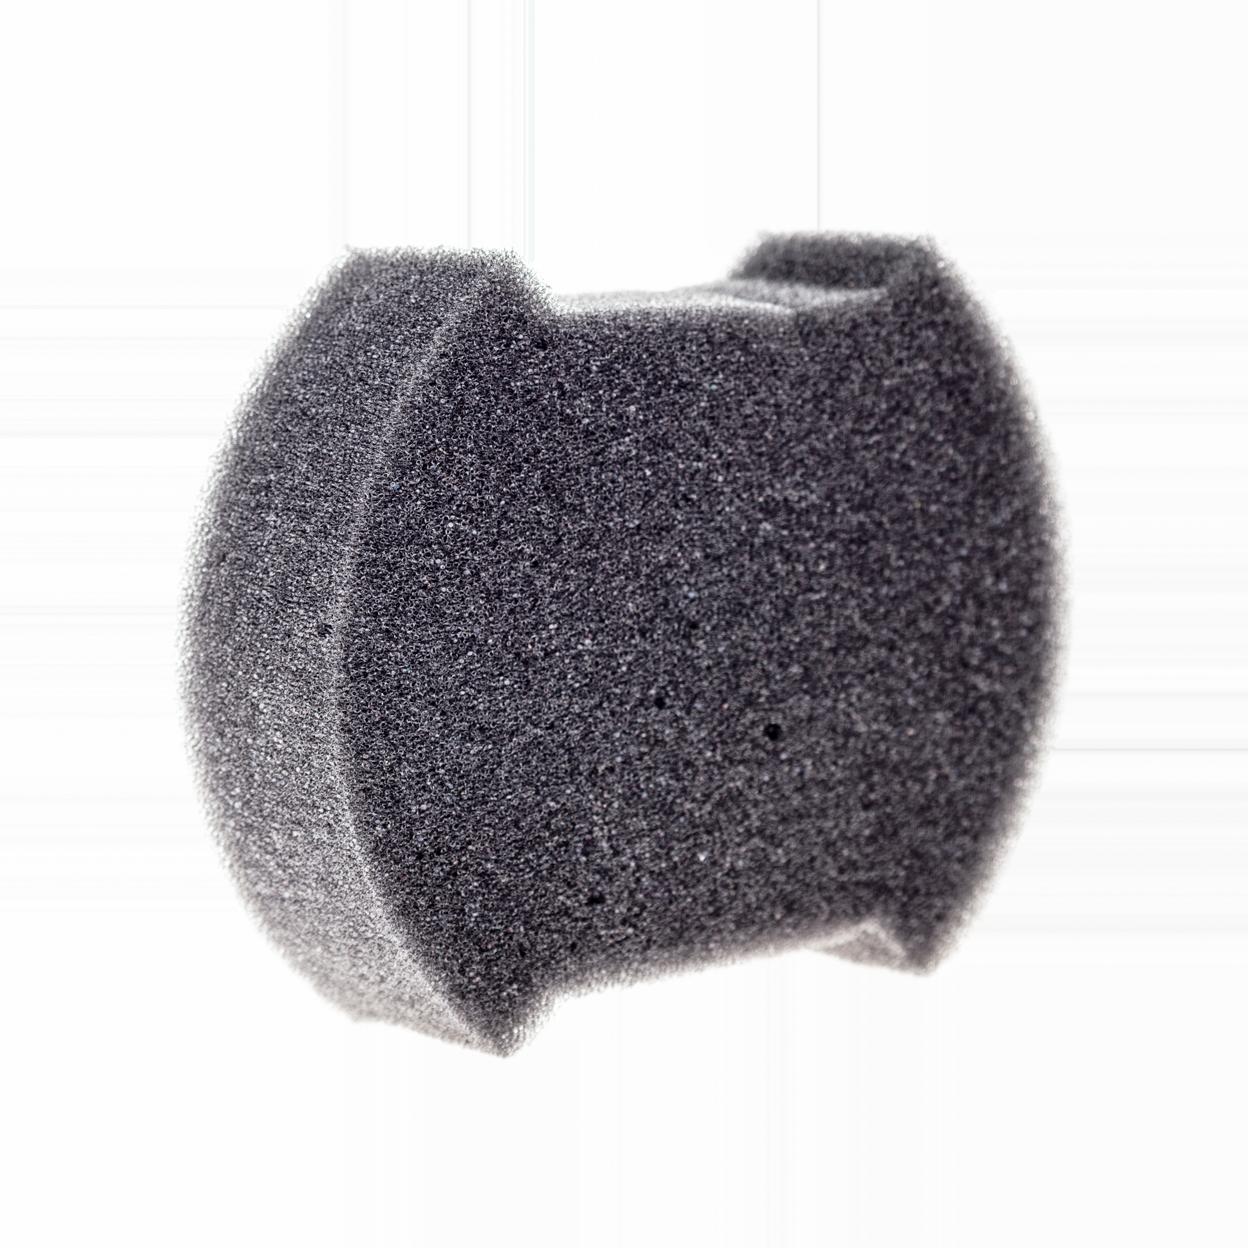 Applikator-Schwamm für Kunststoffinnenpflege